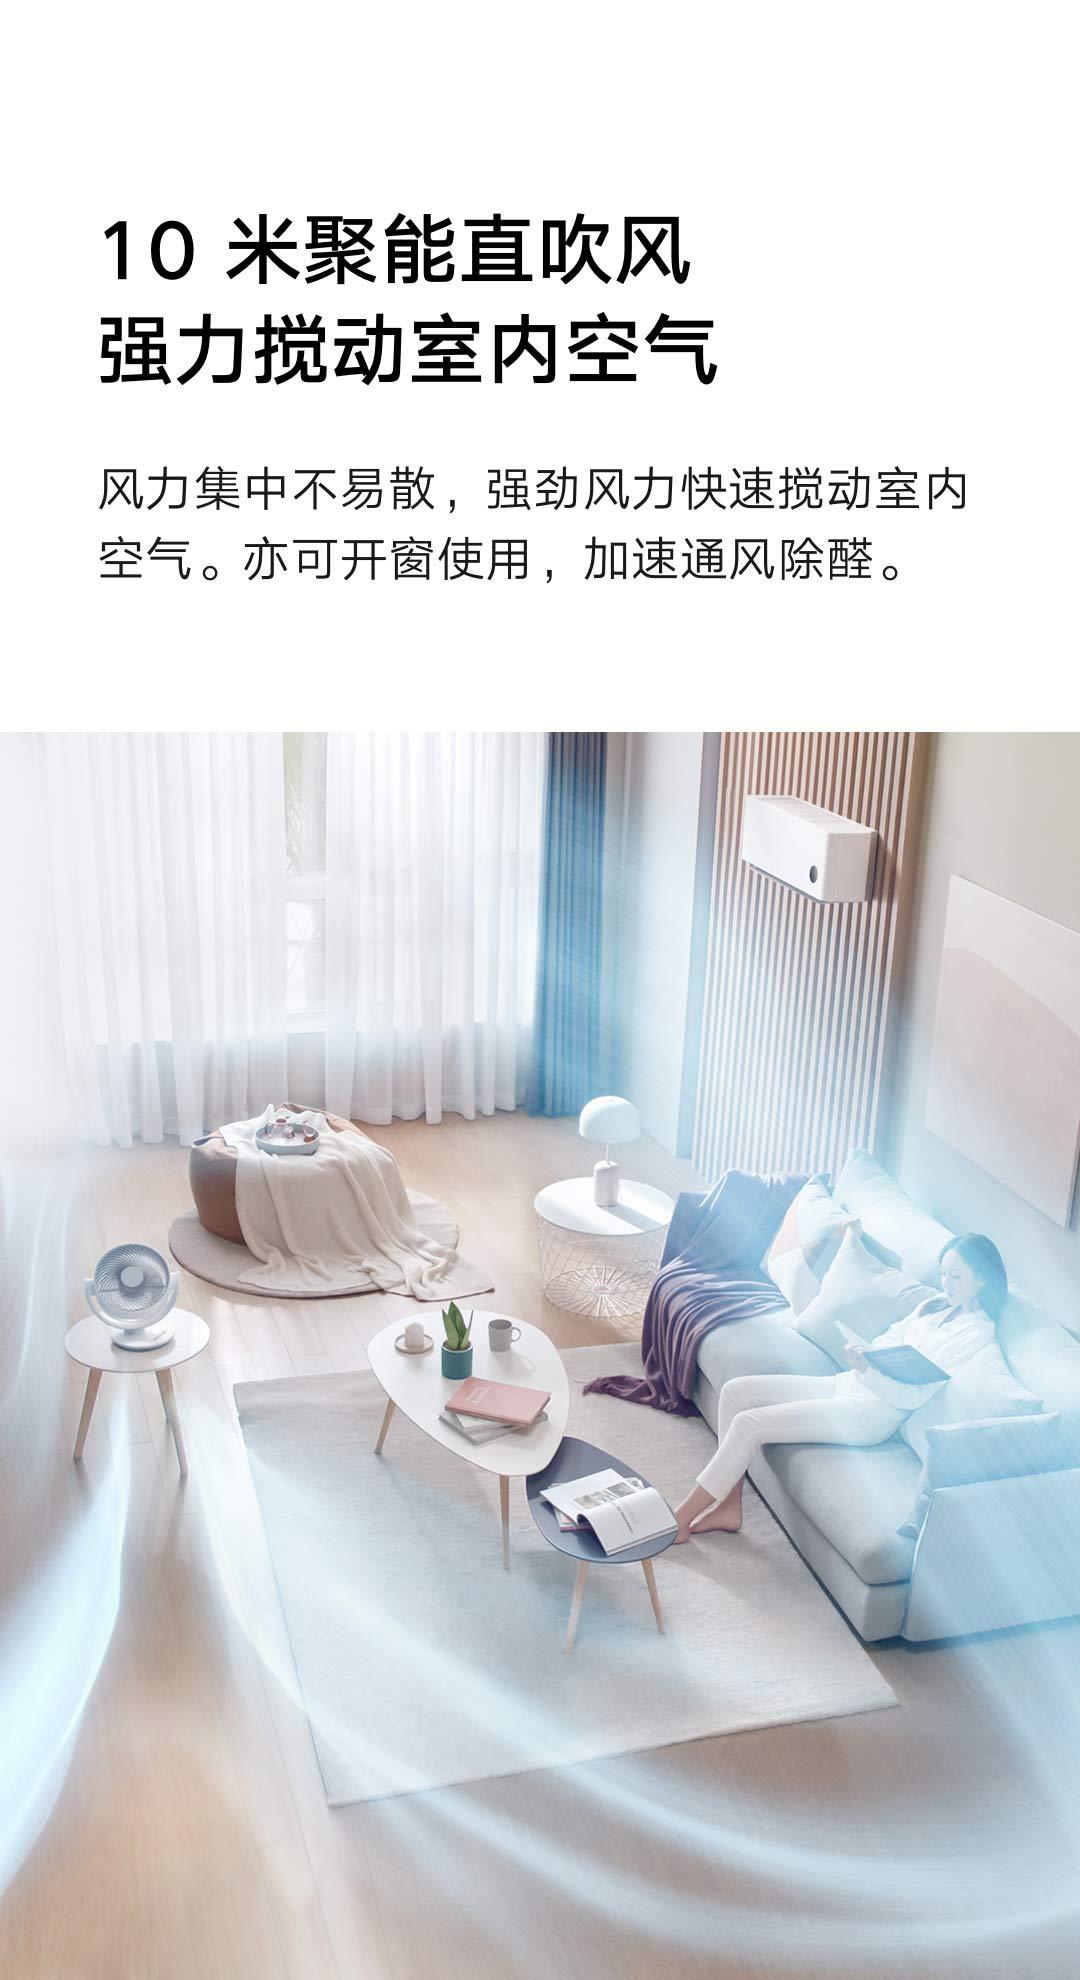 Xiaomi Mijia fan, Xiaomi's first air circulating fan